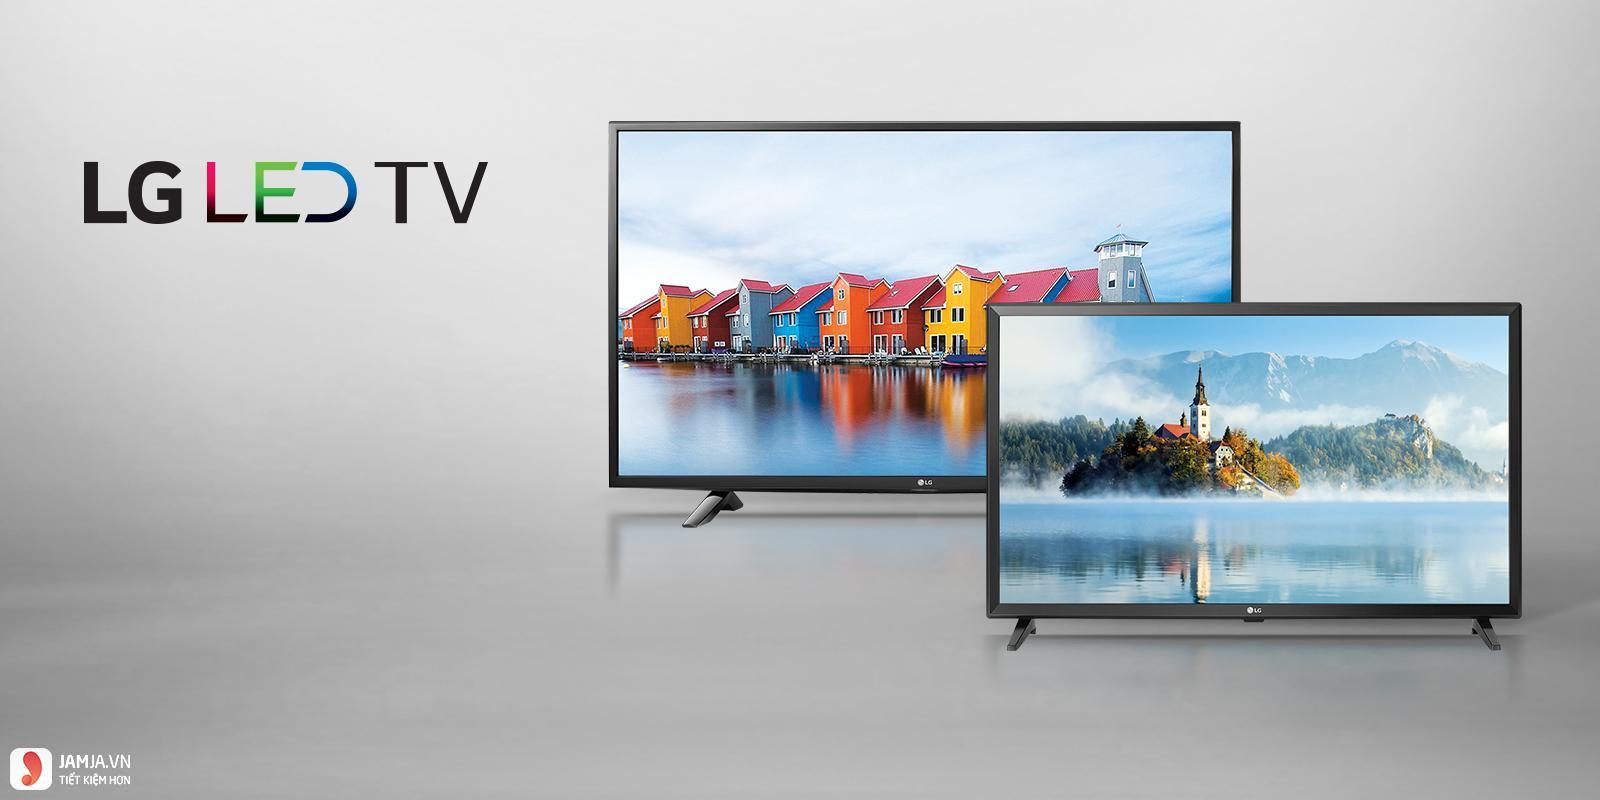 Tivi LED là gì 4